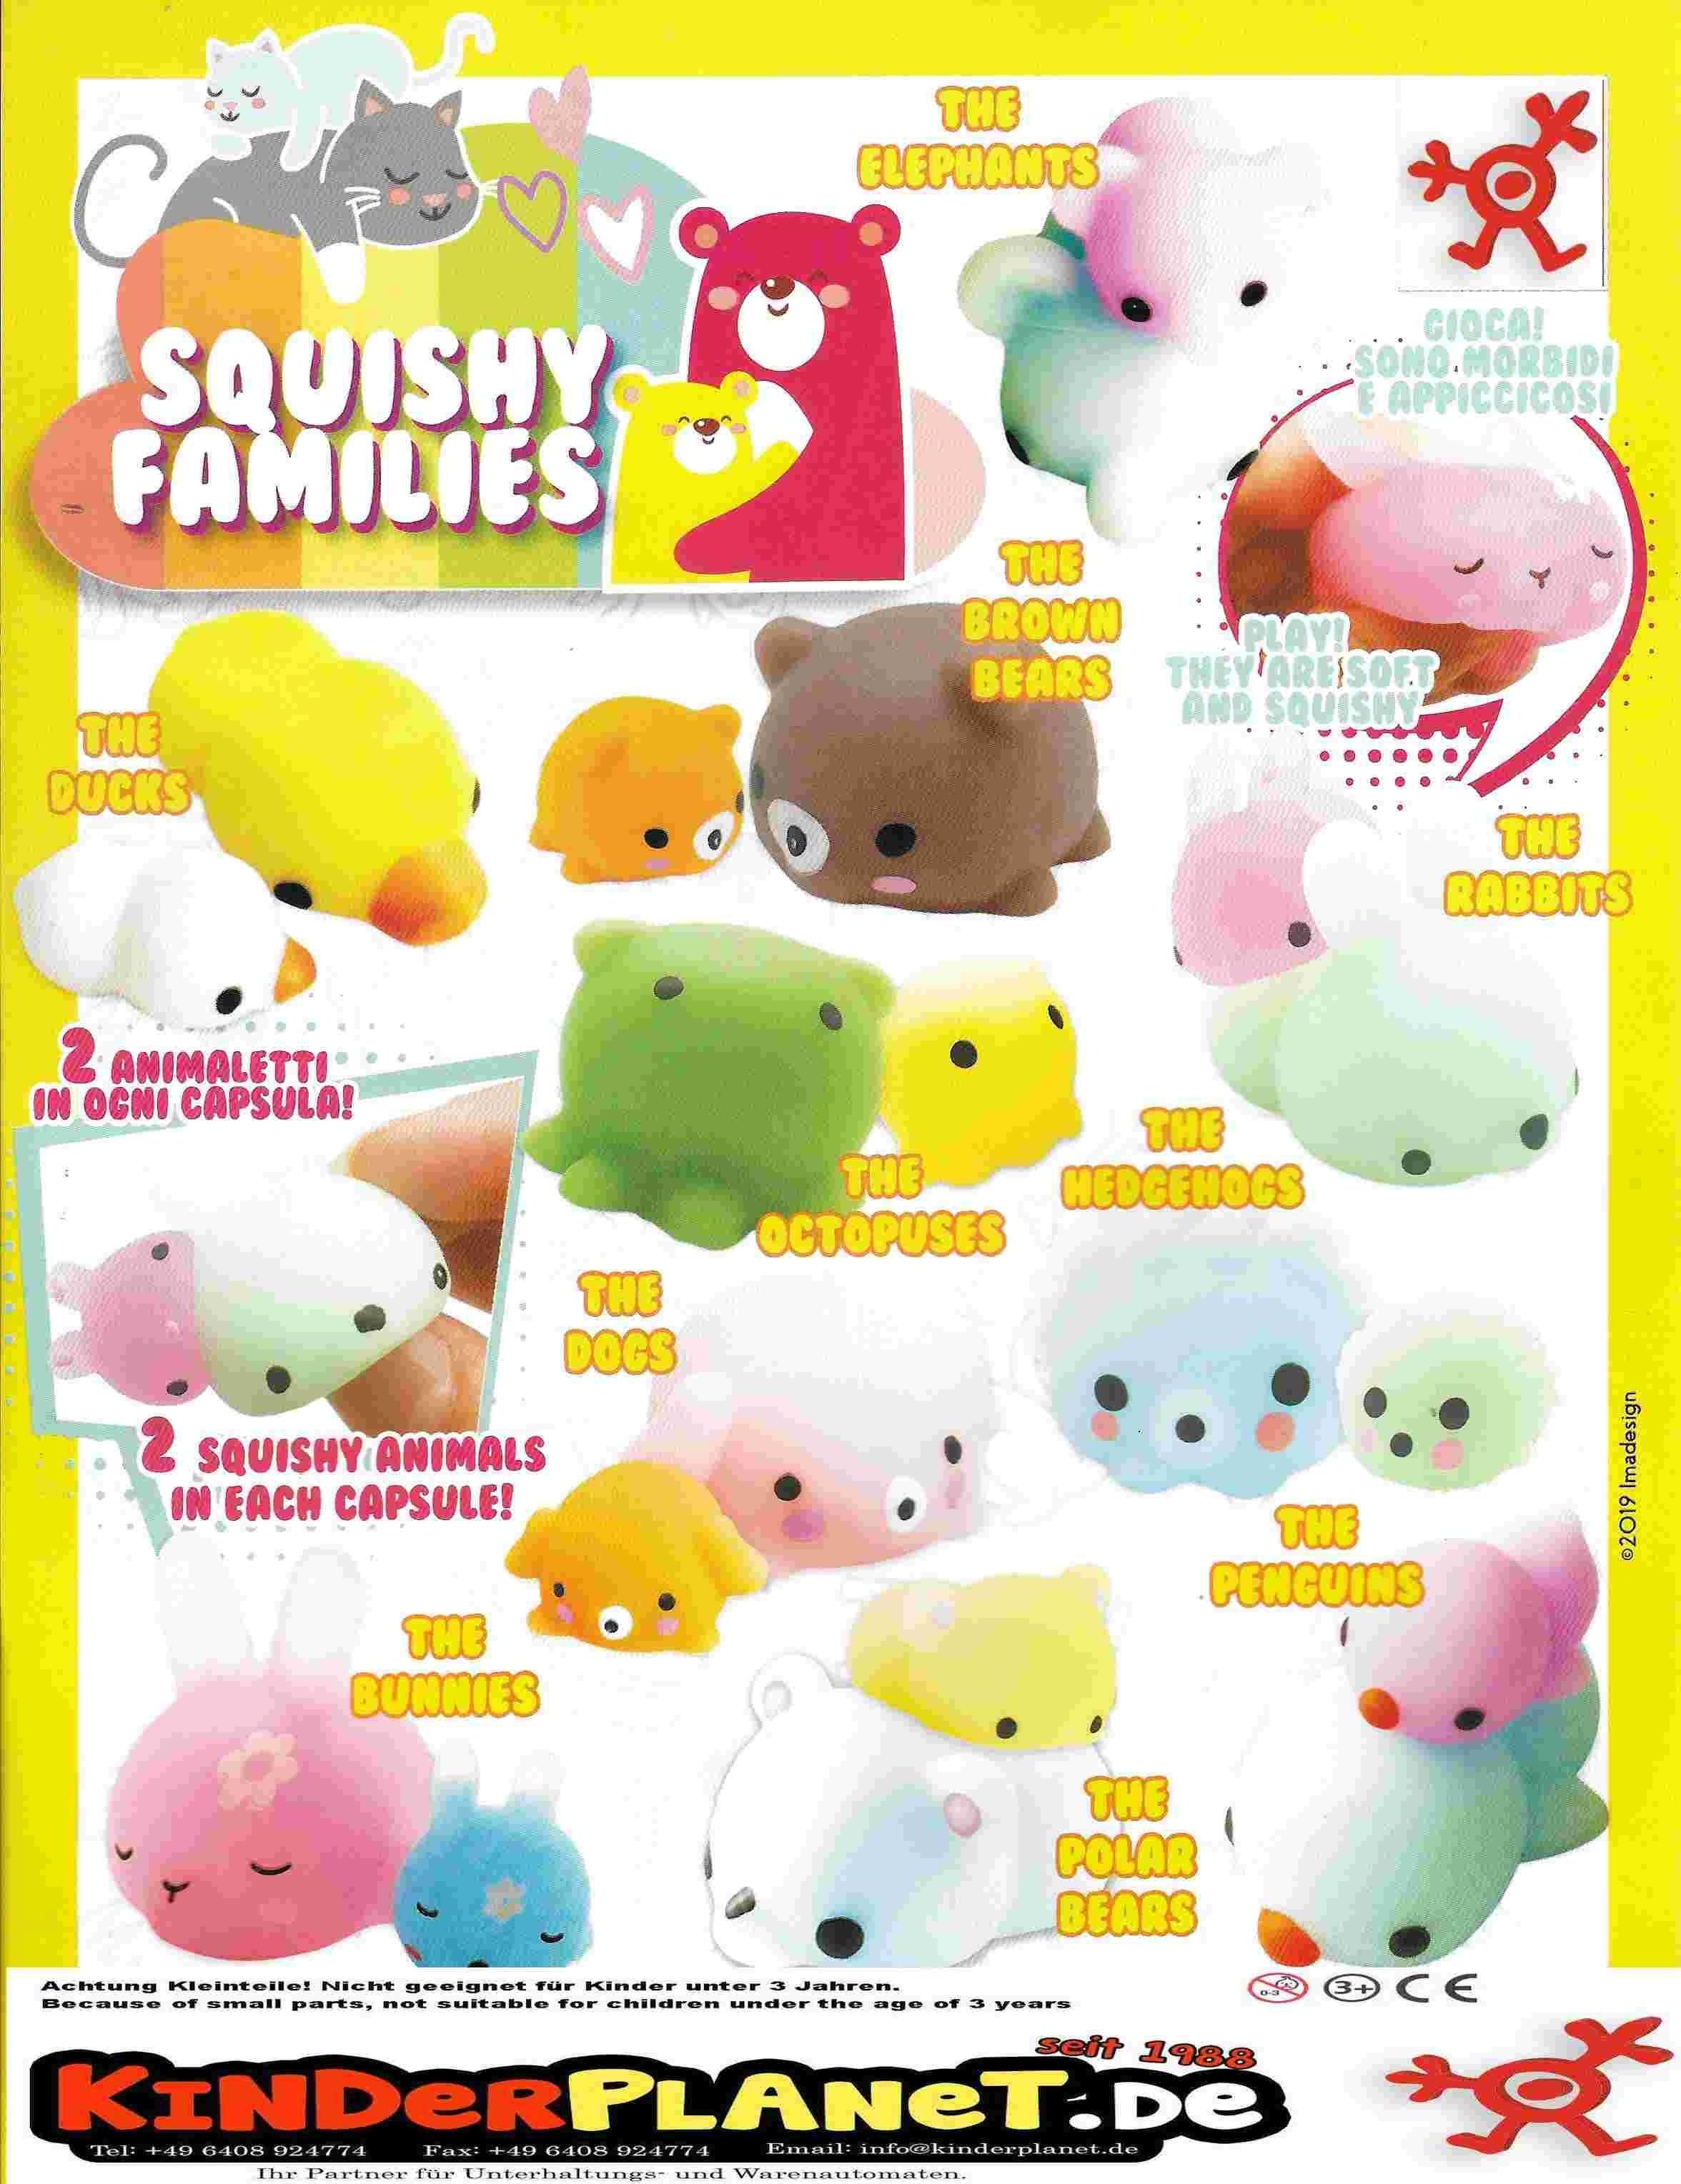 Squishy Families in 55mm Kapsel - der Spielspass